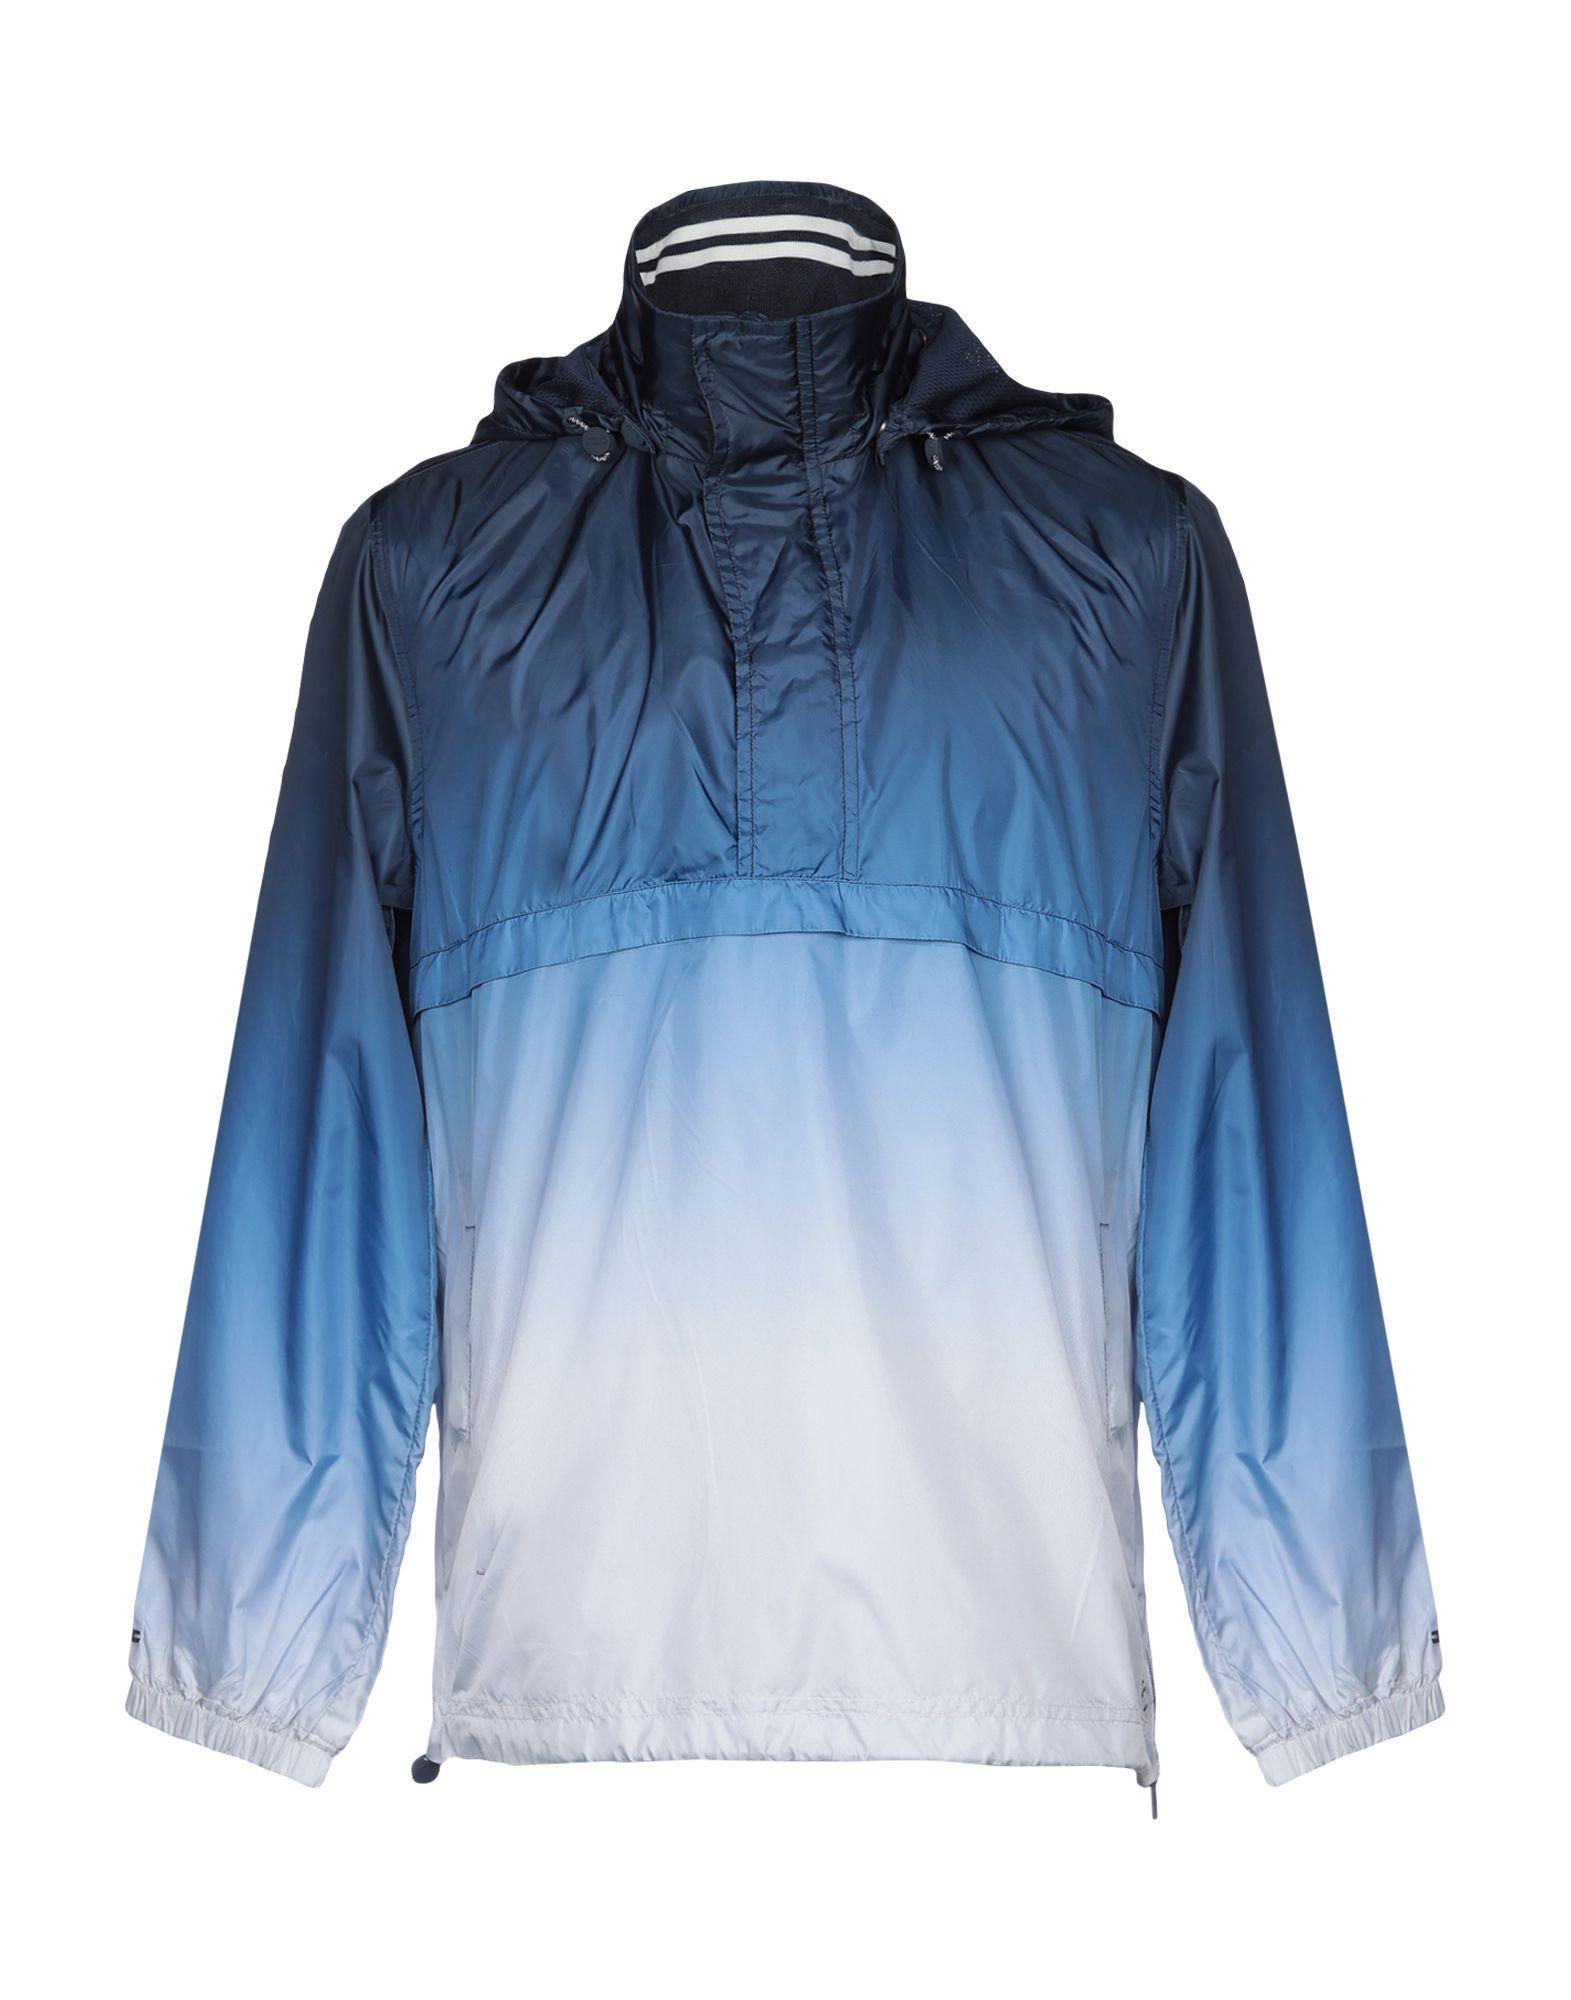 7ea093e9 Lyst - Tommy Hilfiger Jacket in Blue for Men